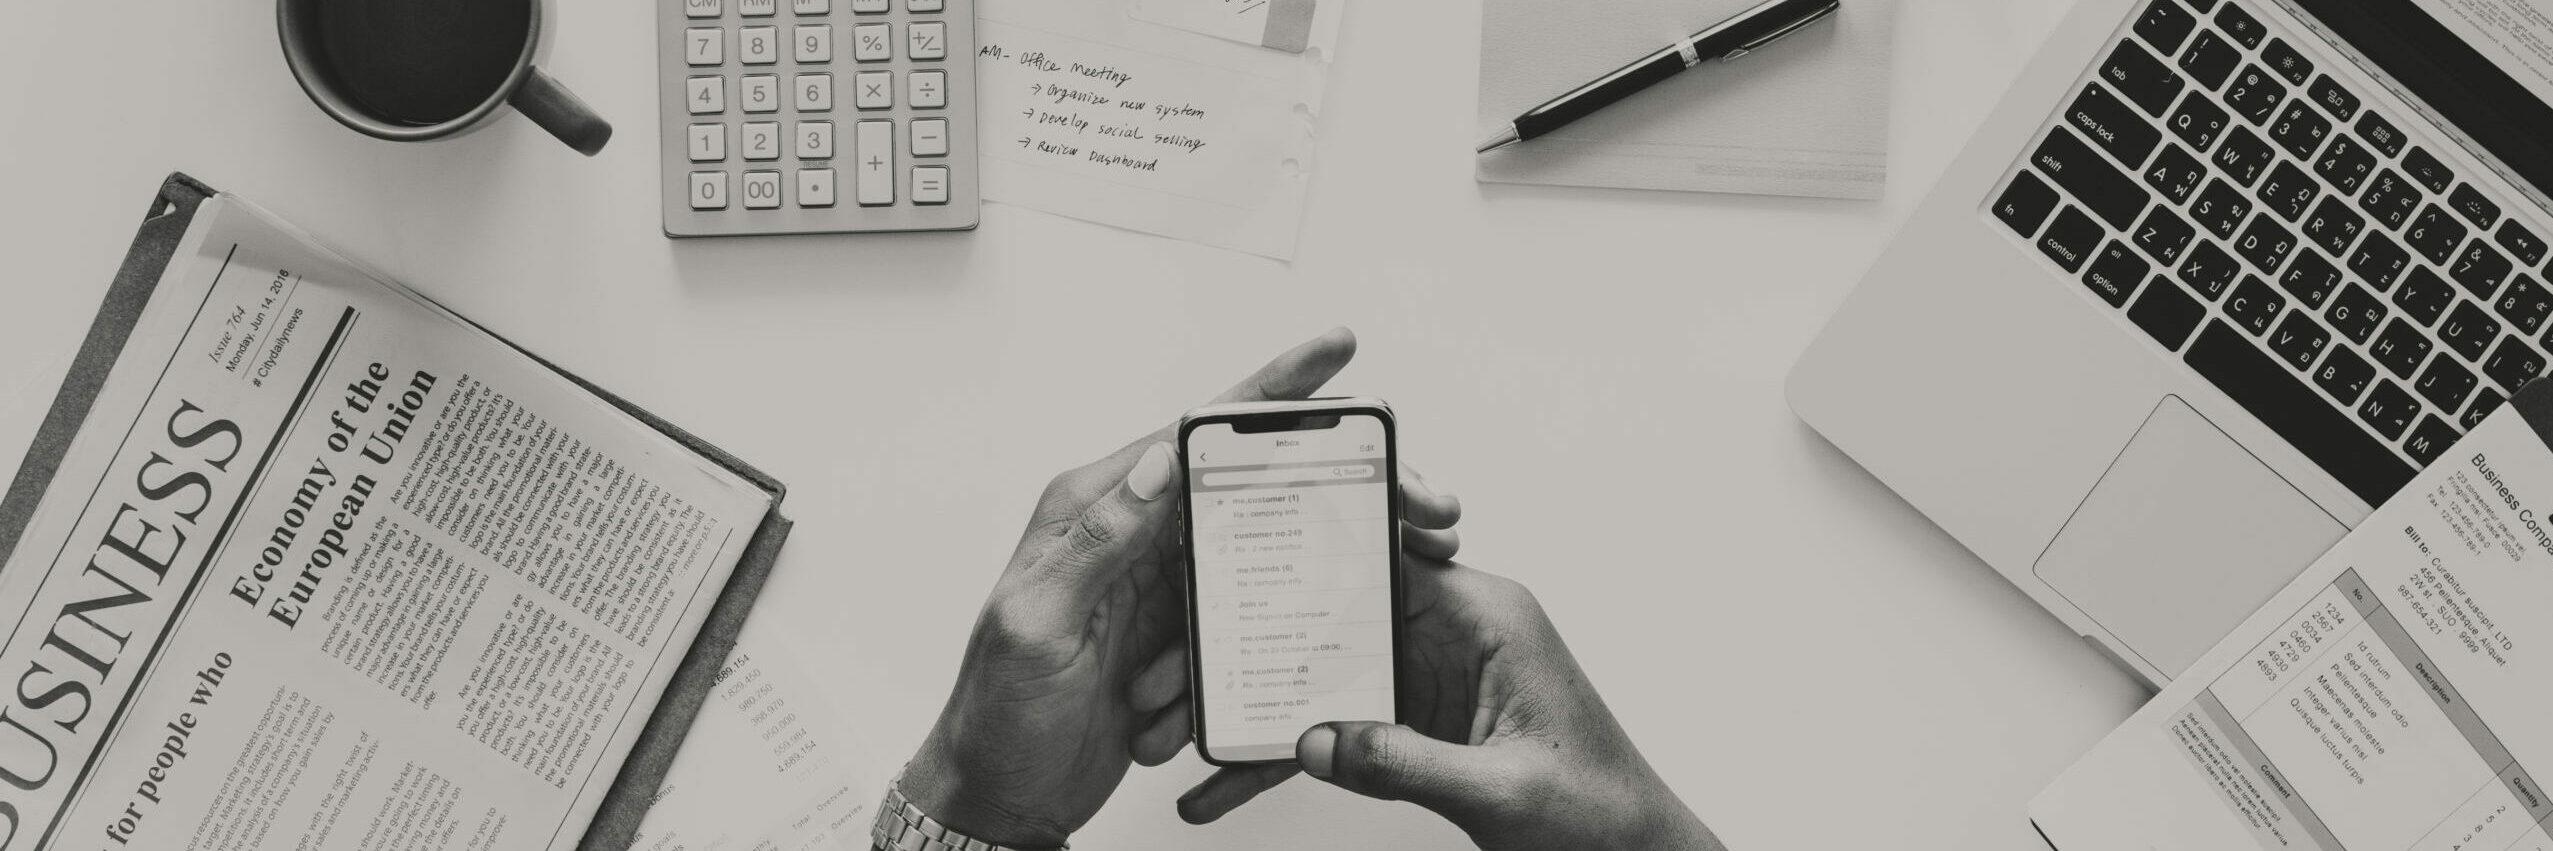 Overzicht van onze communicatiekanalen